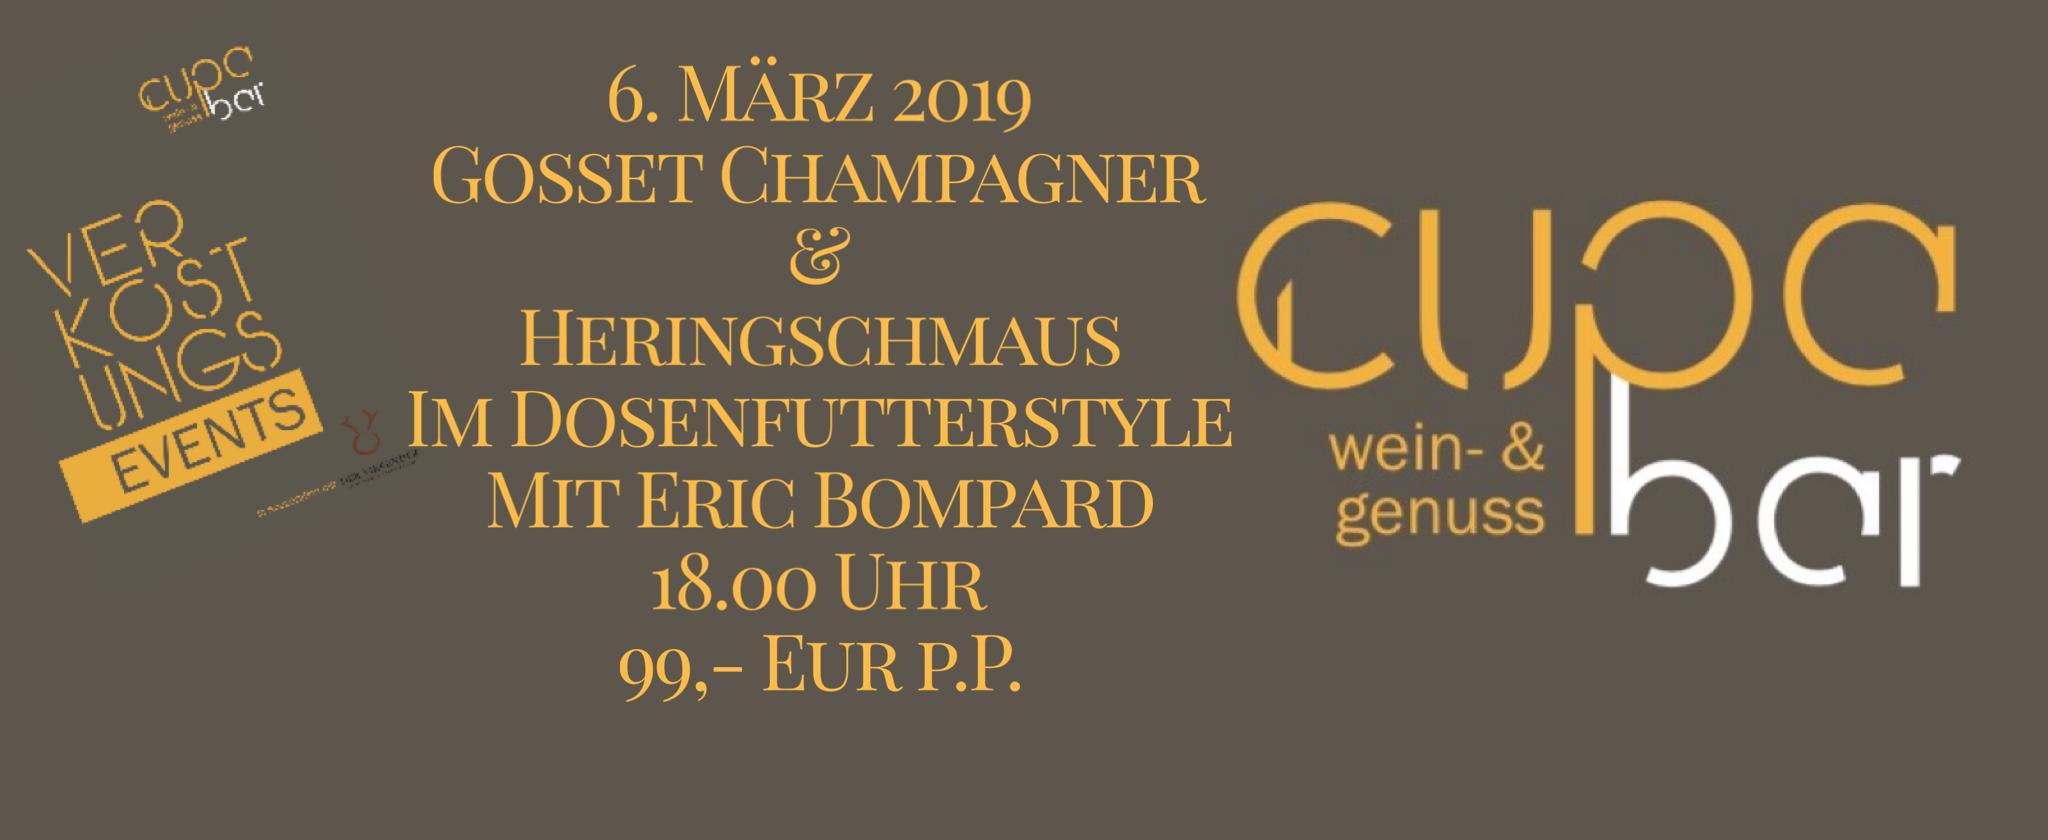 Verkostungs Events . Cupa Bar . Gosset zum Heringschmaus . 6. März 2019